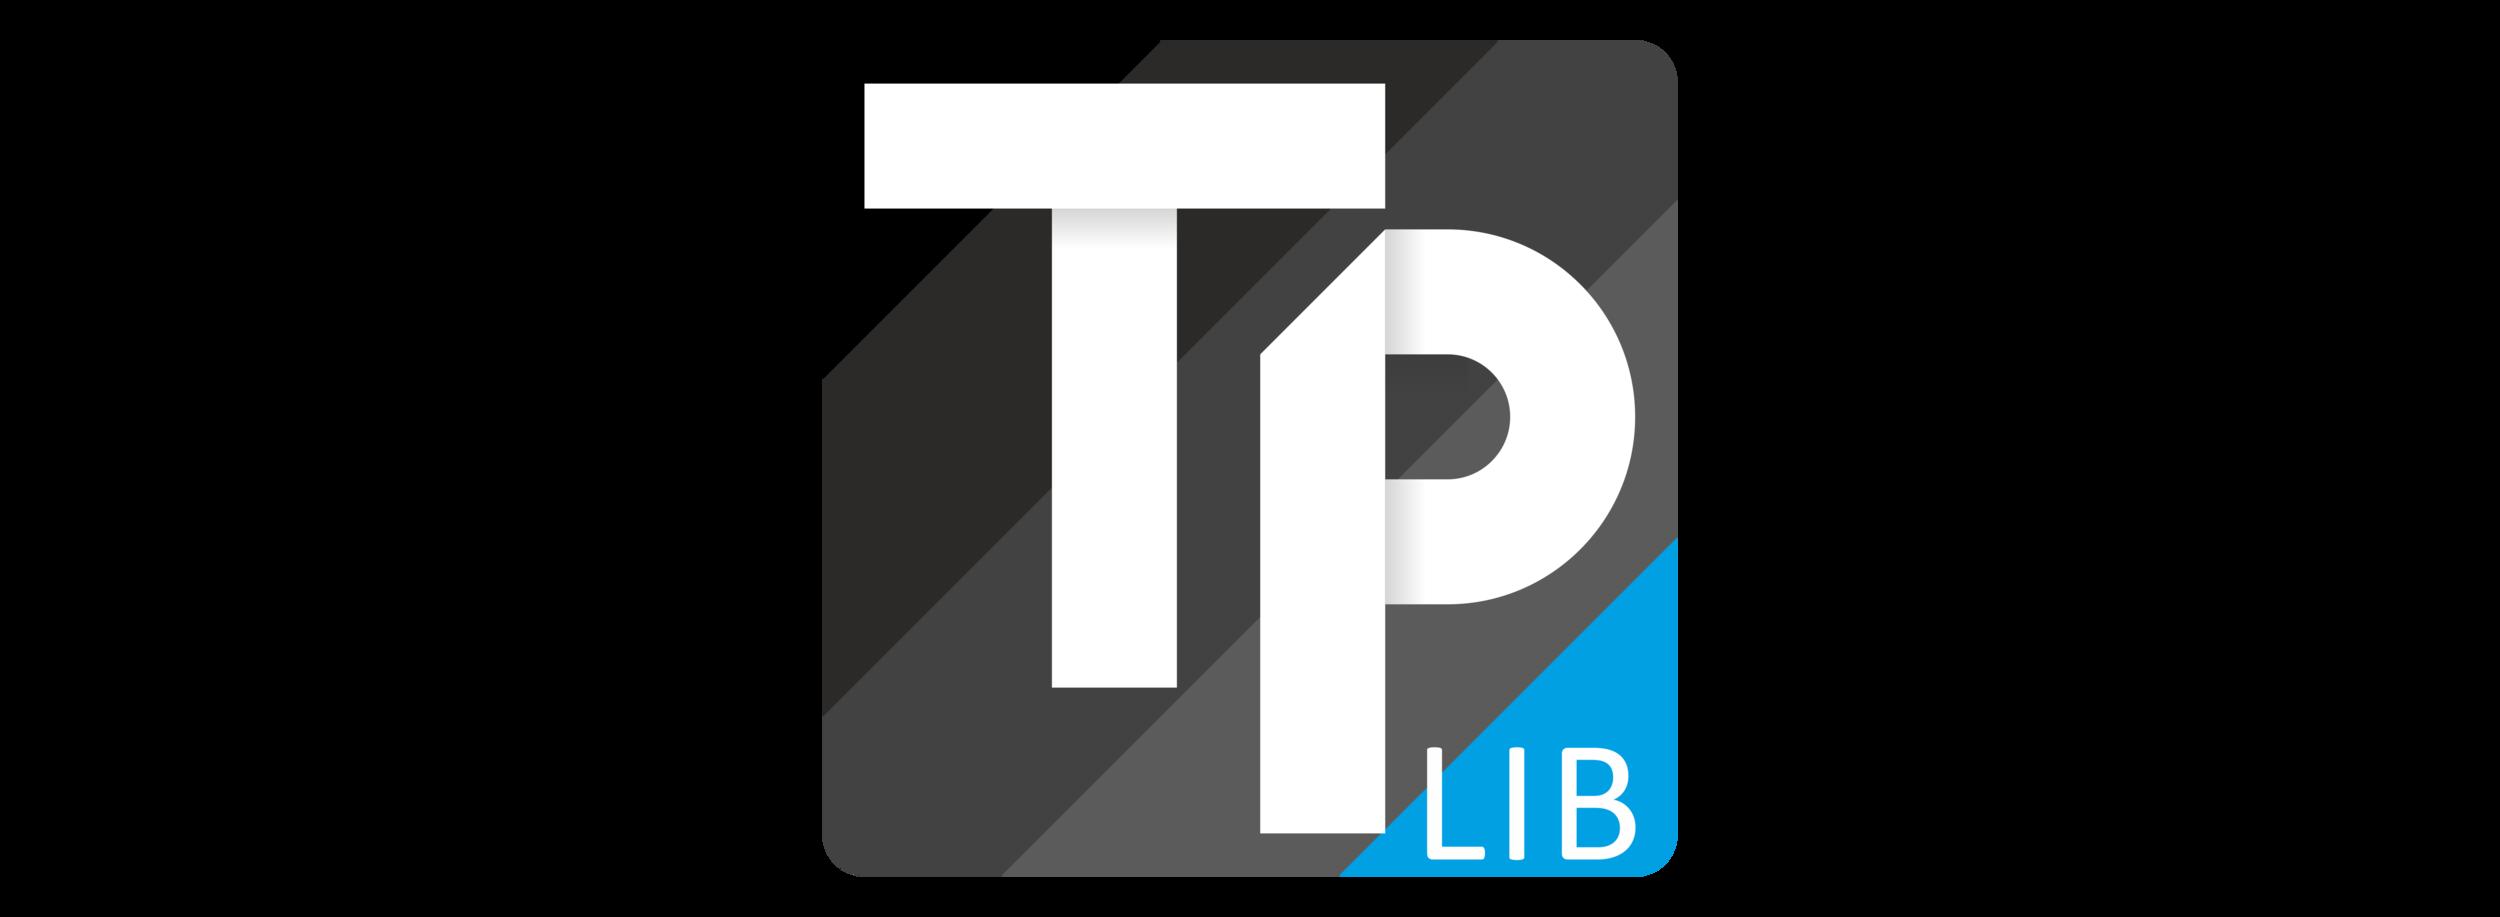 Библиотека обмена информацией - обмен данными в сети